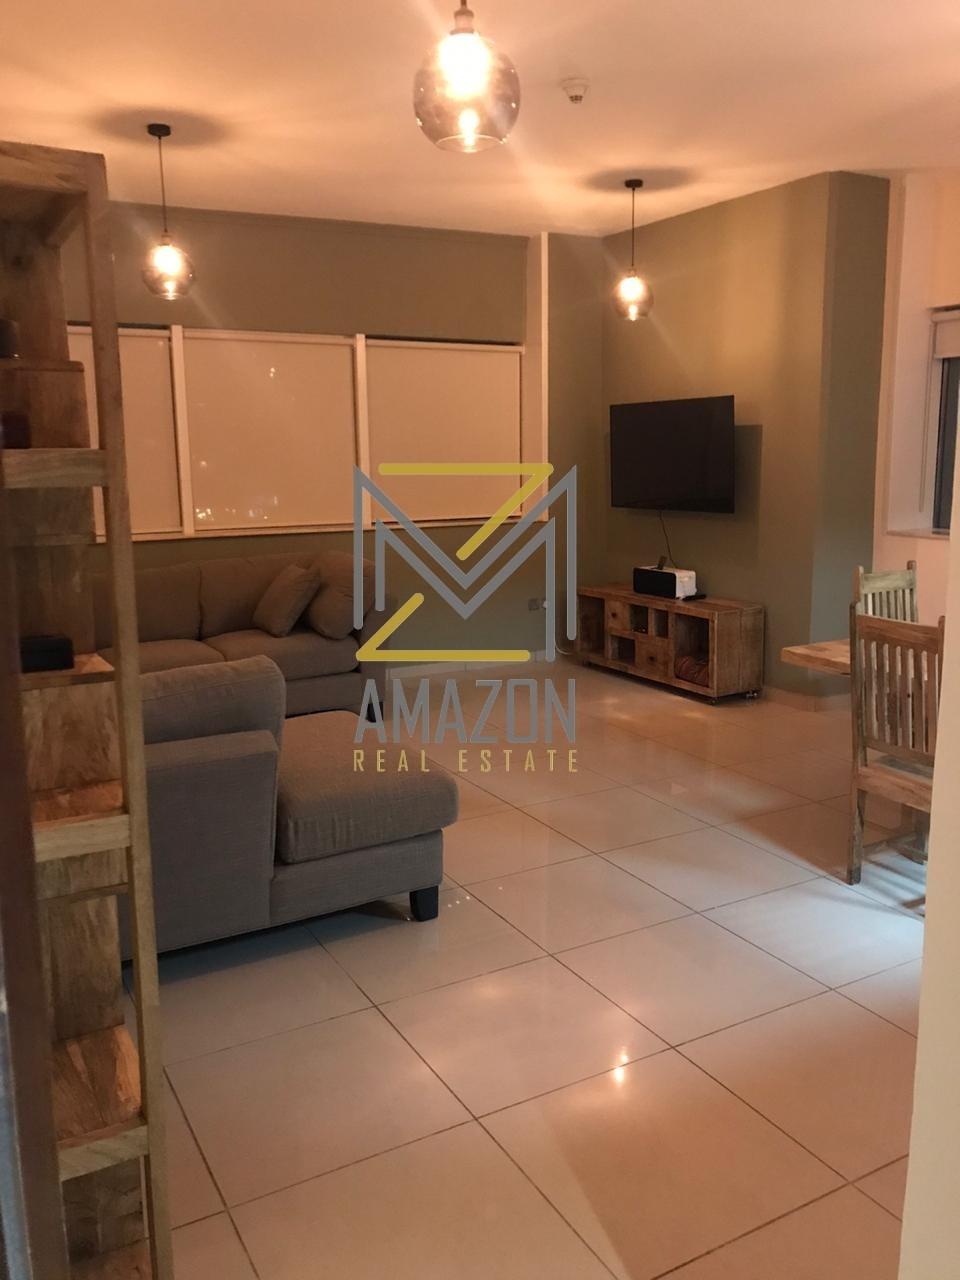 Ready to Move! Fully Furnished! 2 Bedroom in the Heart of Dubai Marina! Marina Pinnacle, Dubai Marina